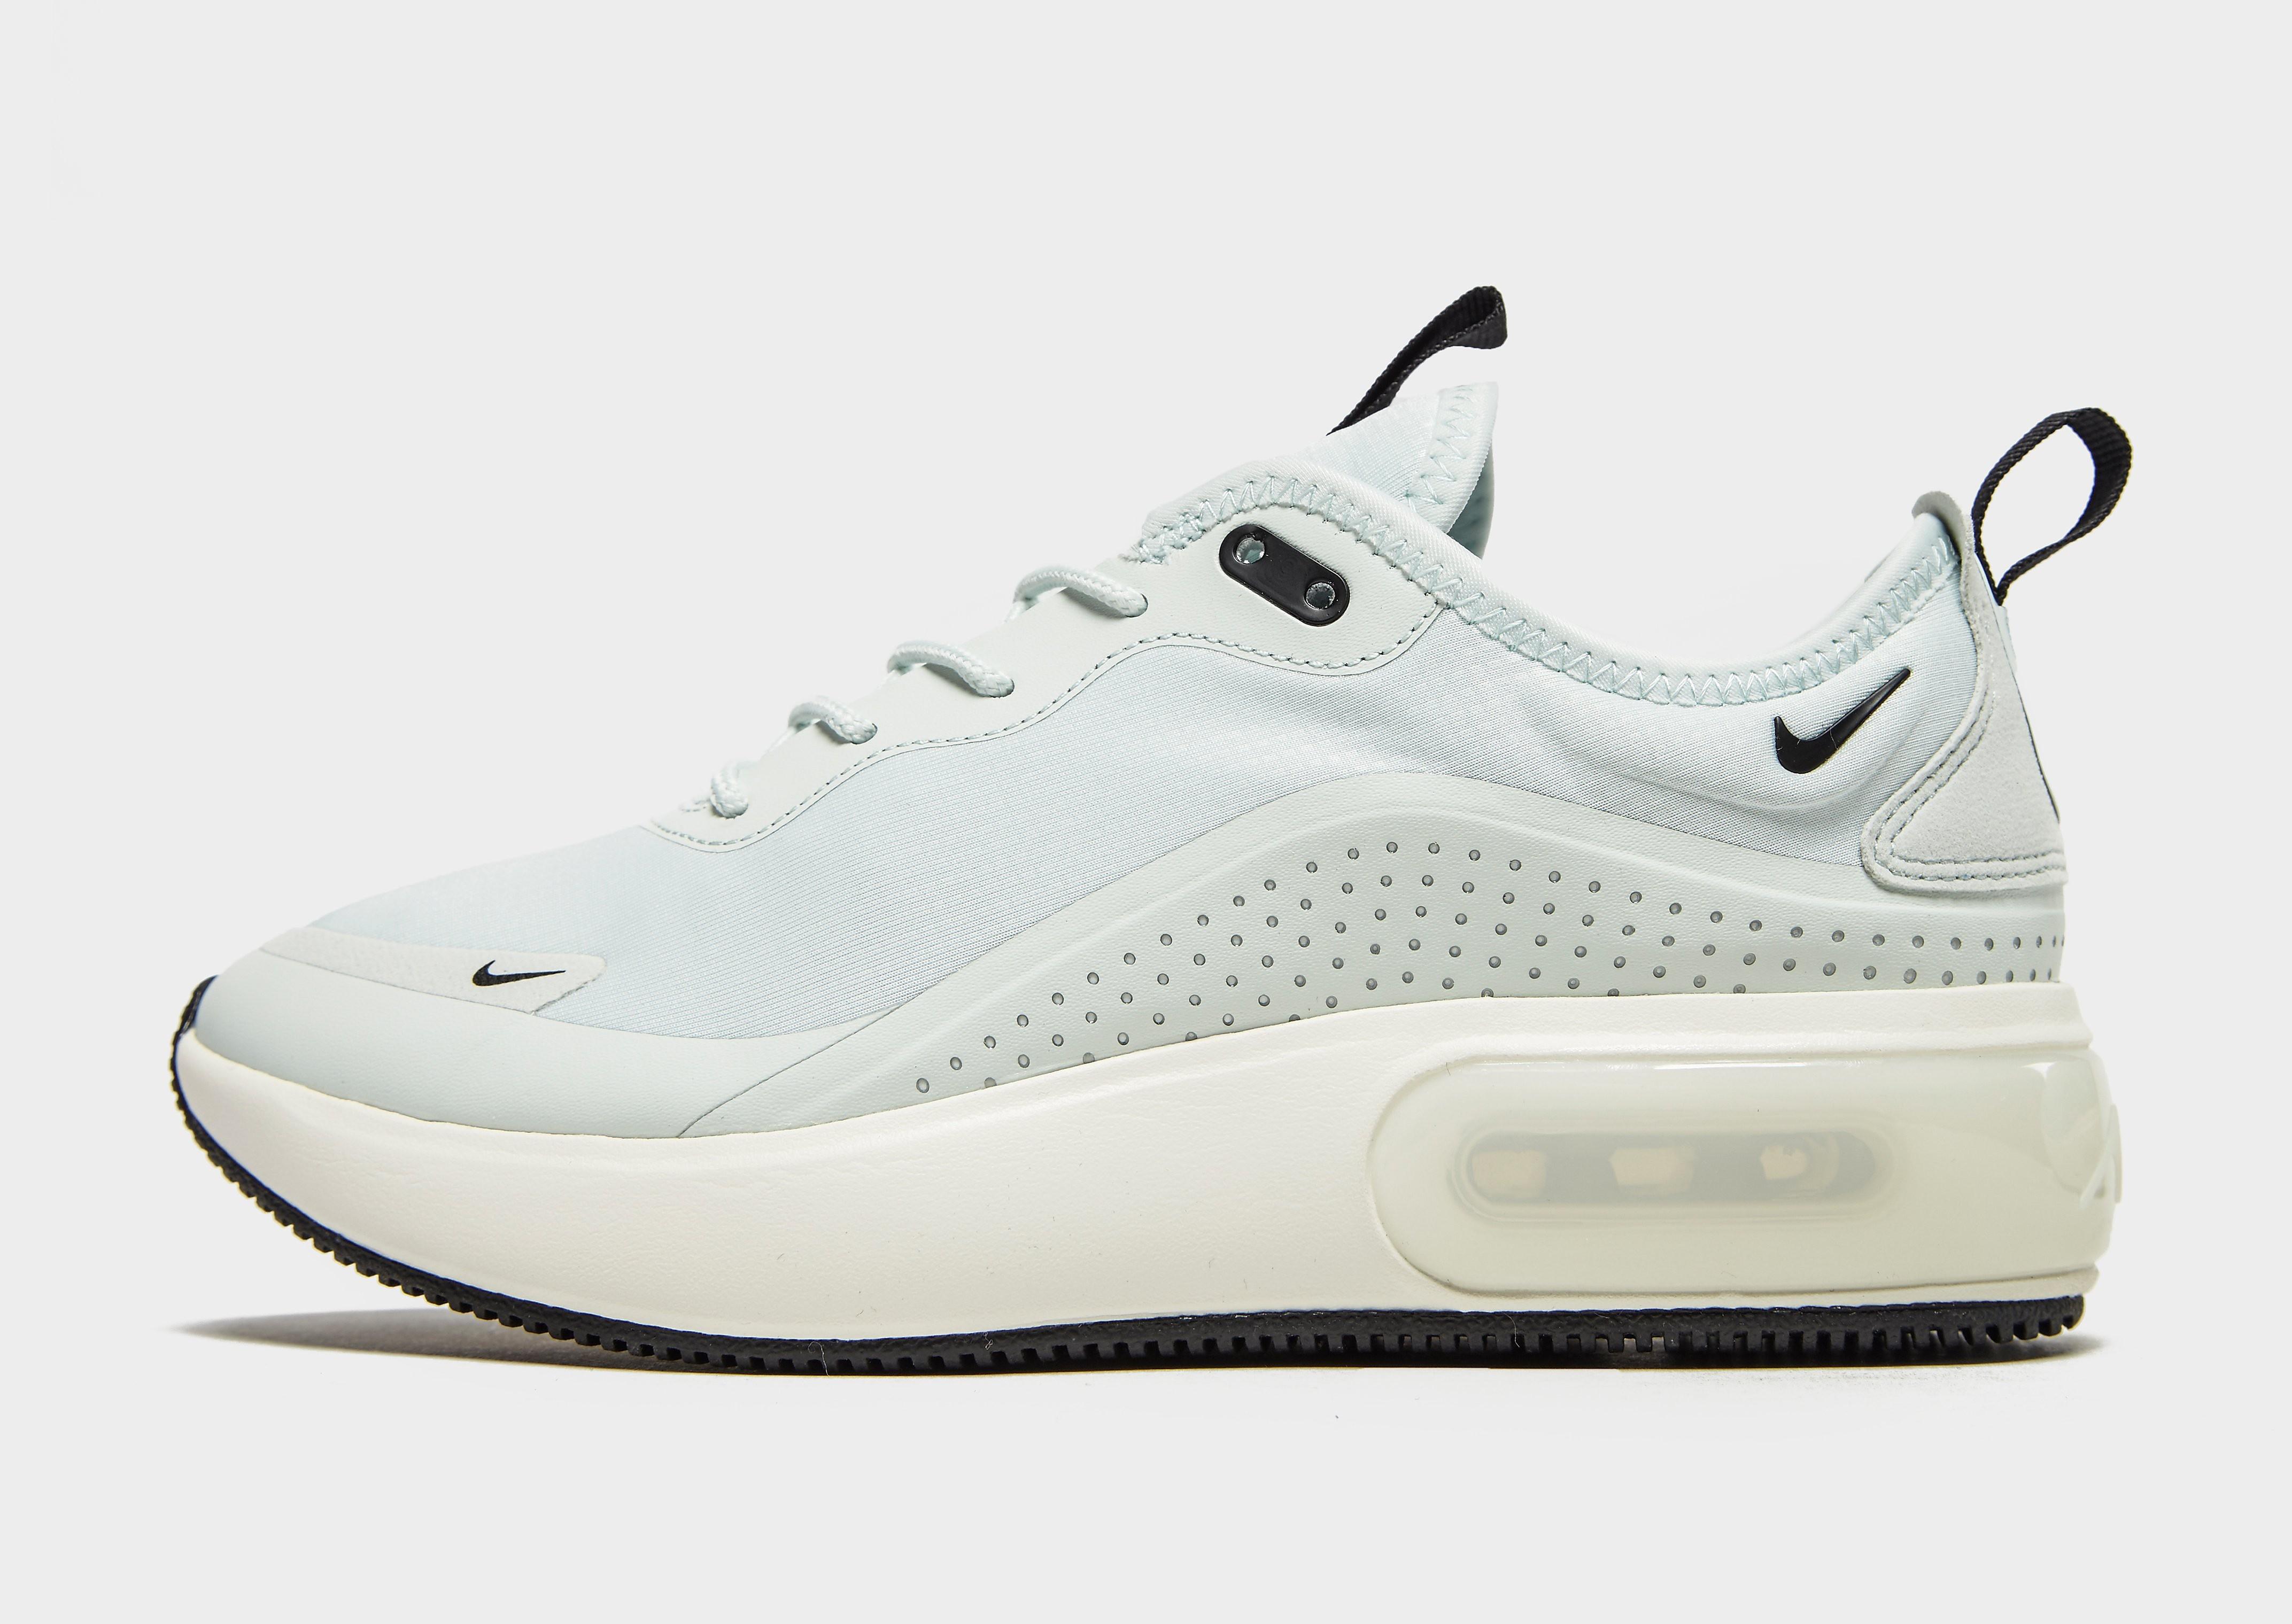 Nike Air Max Dia damessneaker grijs